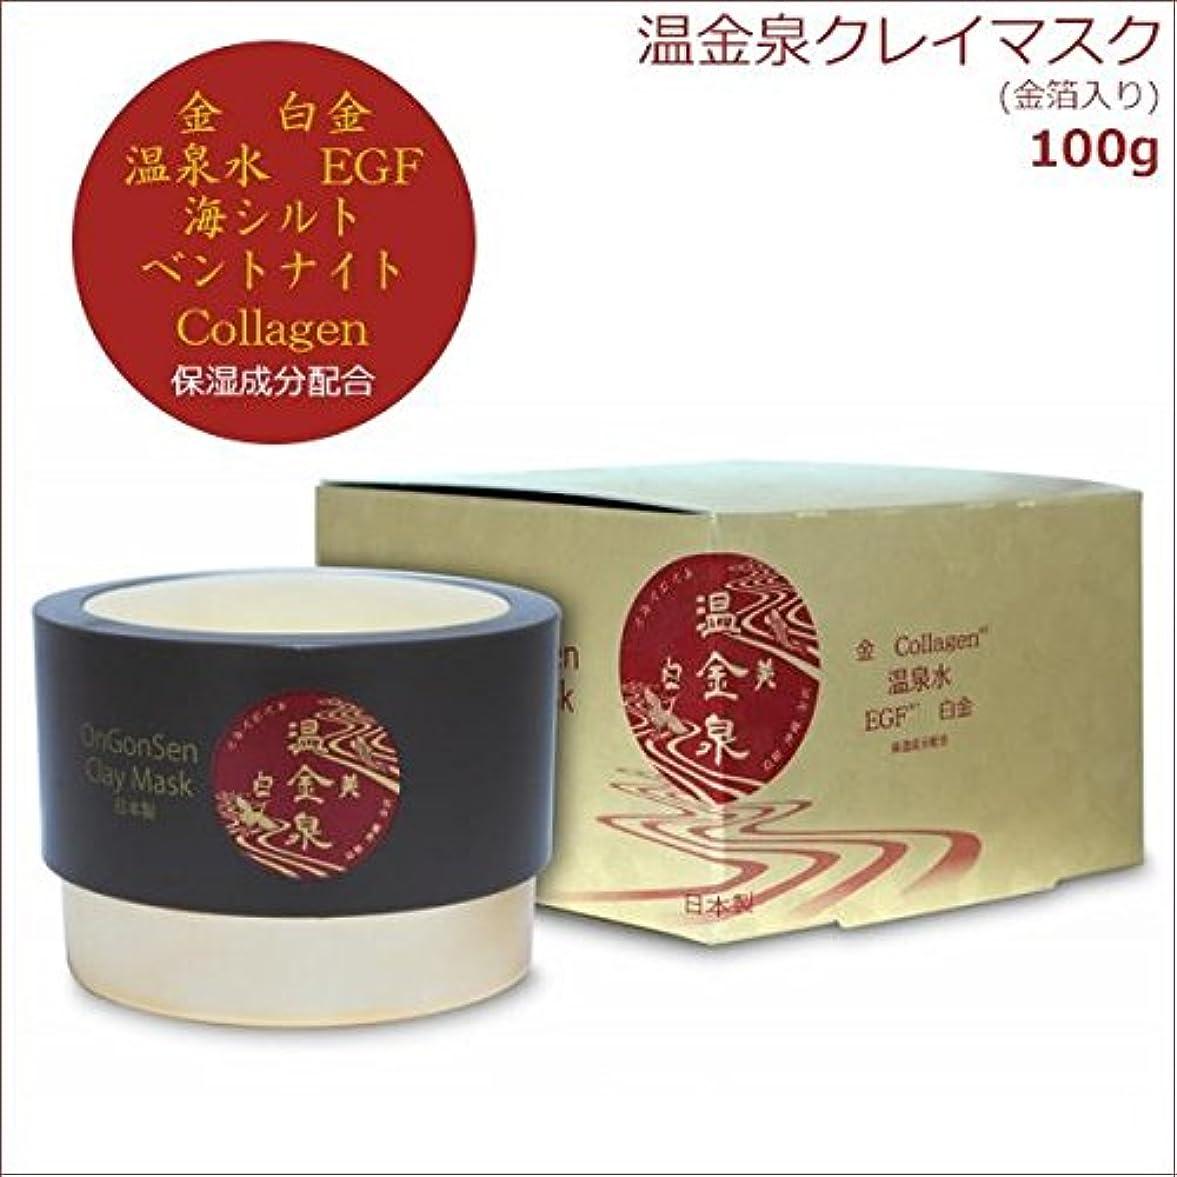 アルカイック蓋データベース日本製 HiROSOPHY ヒロソフィー 温金泉(オンゴンセン)クレイマスク 金箔入り 100g